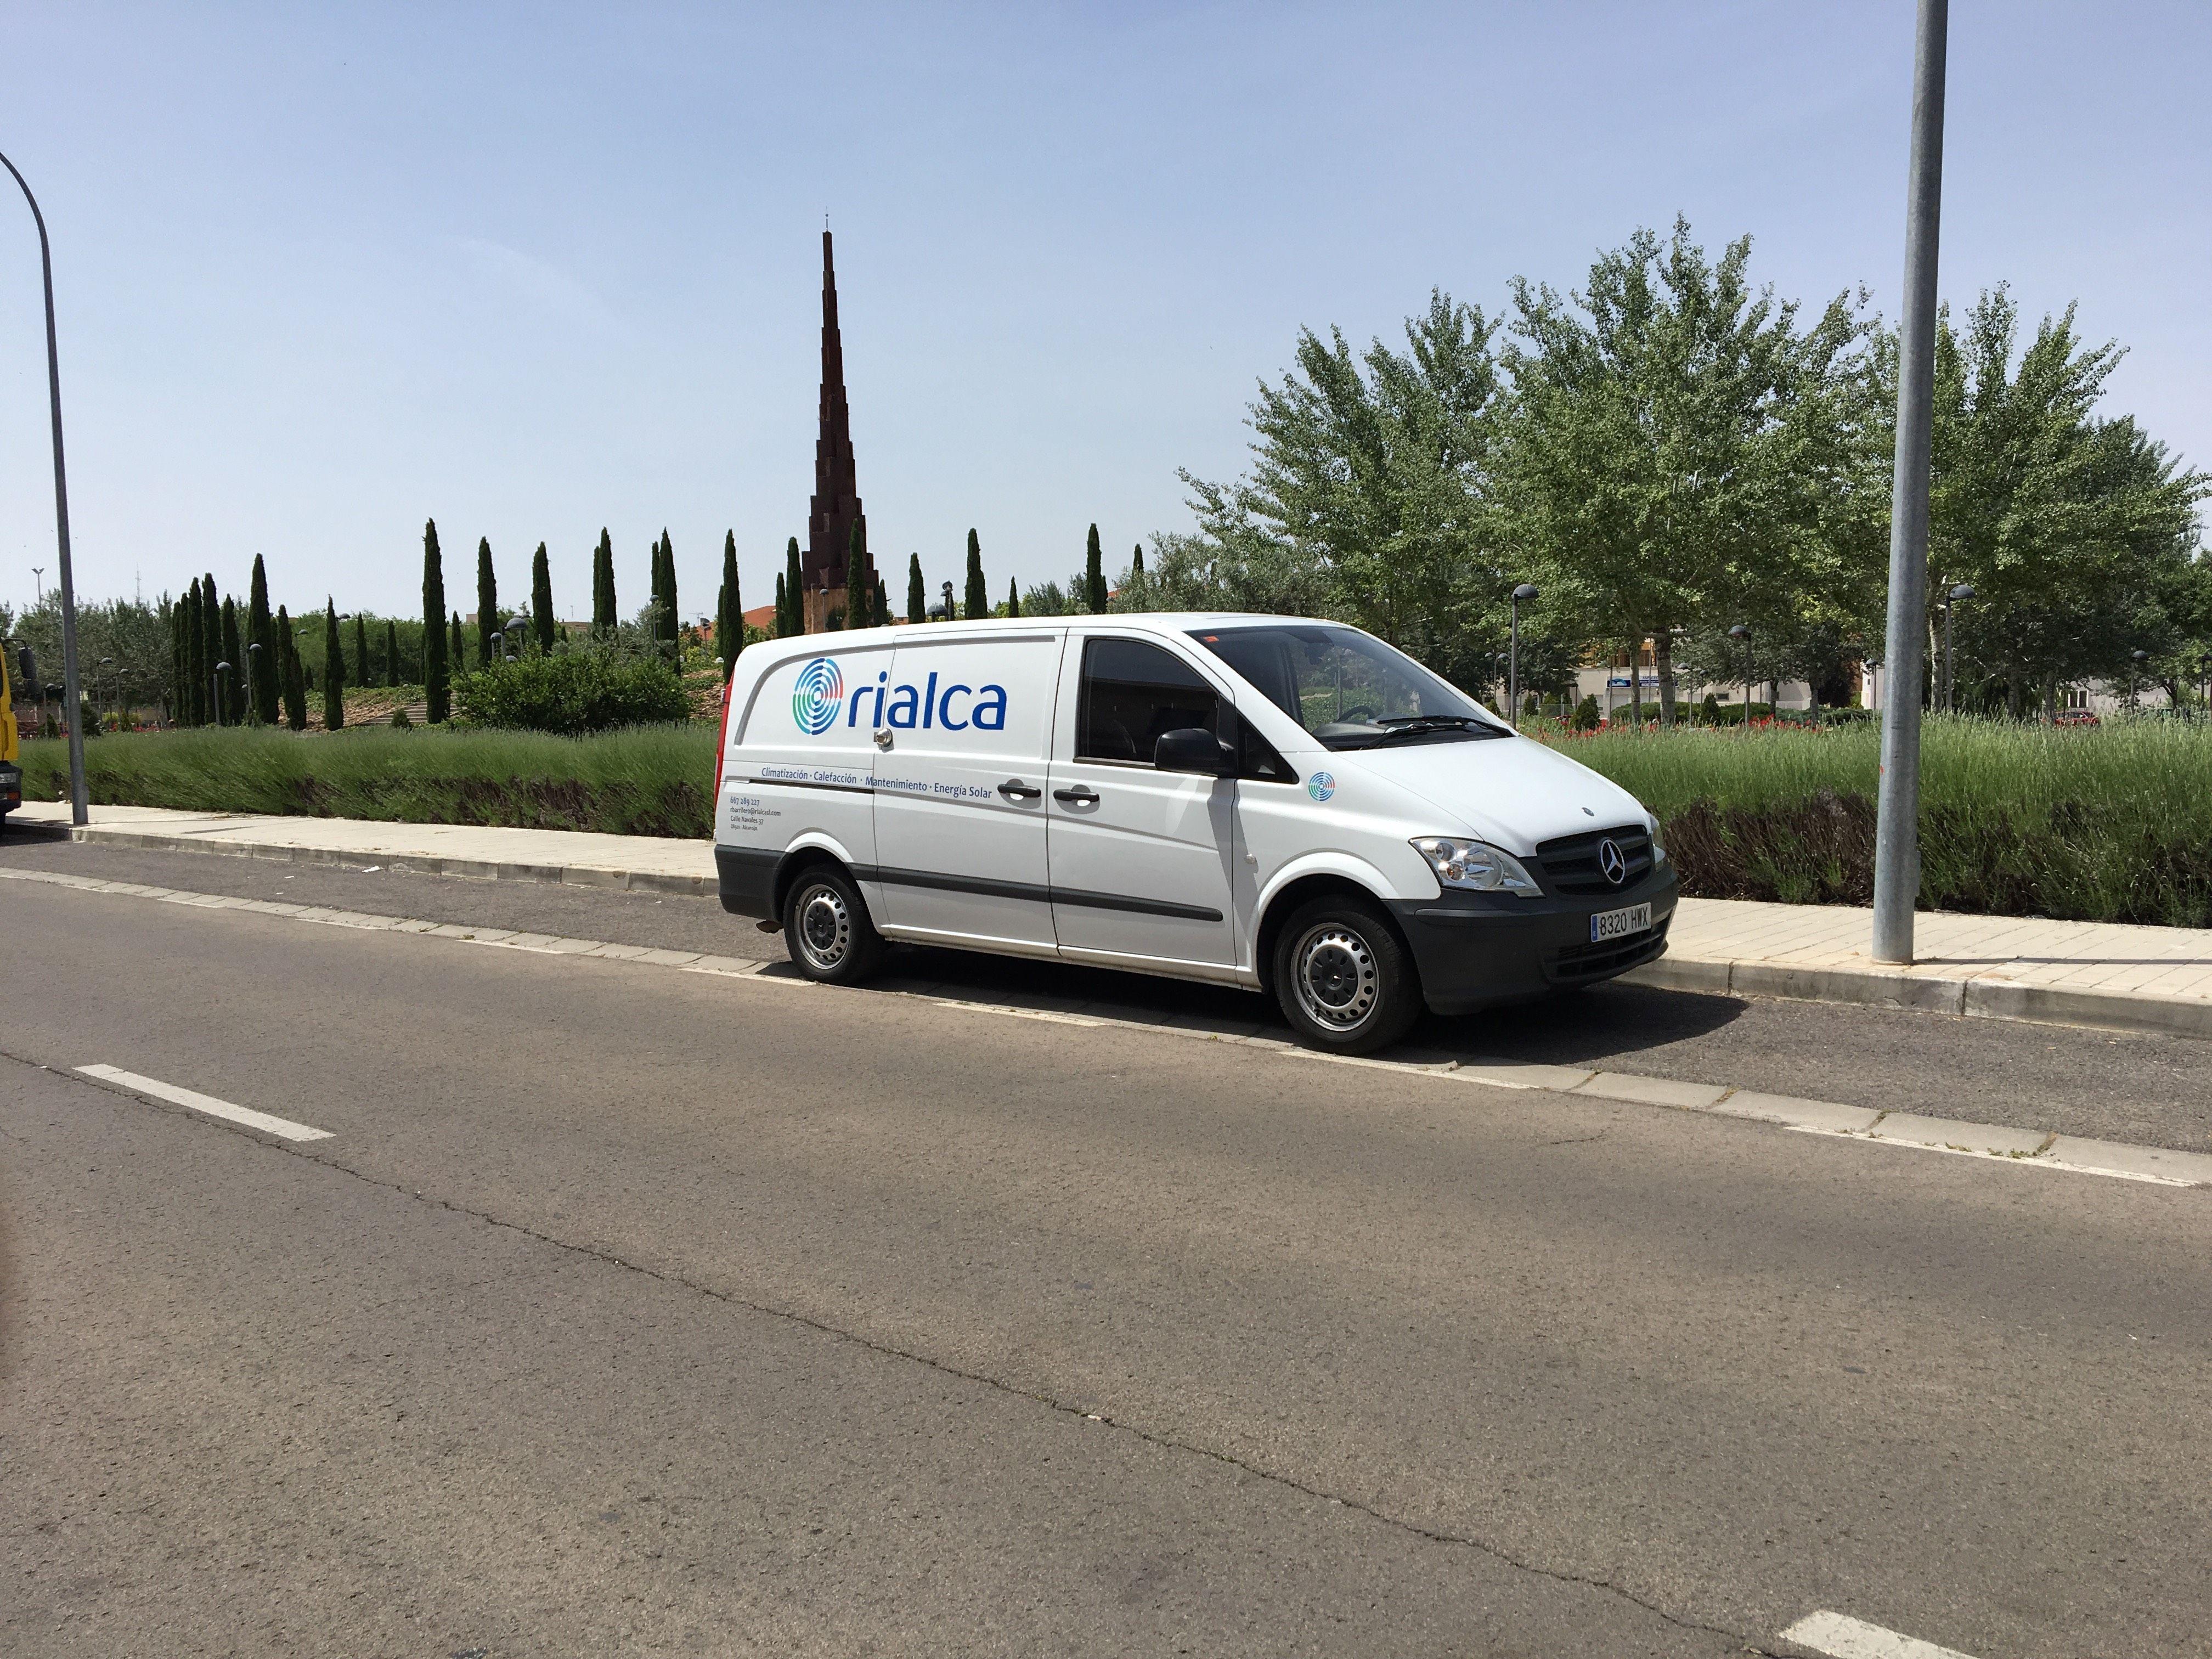 Rialca, calefacción y aire acondicionado en Alcorcón